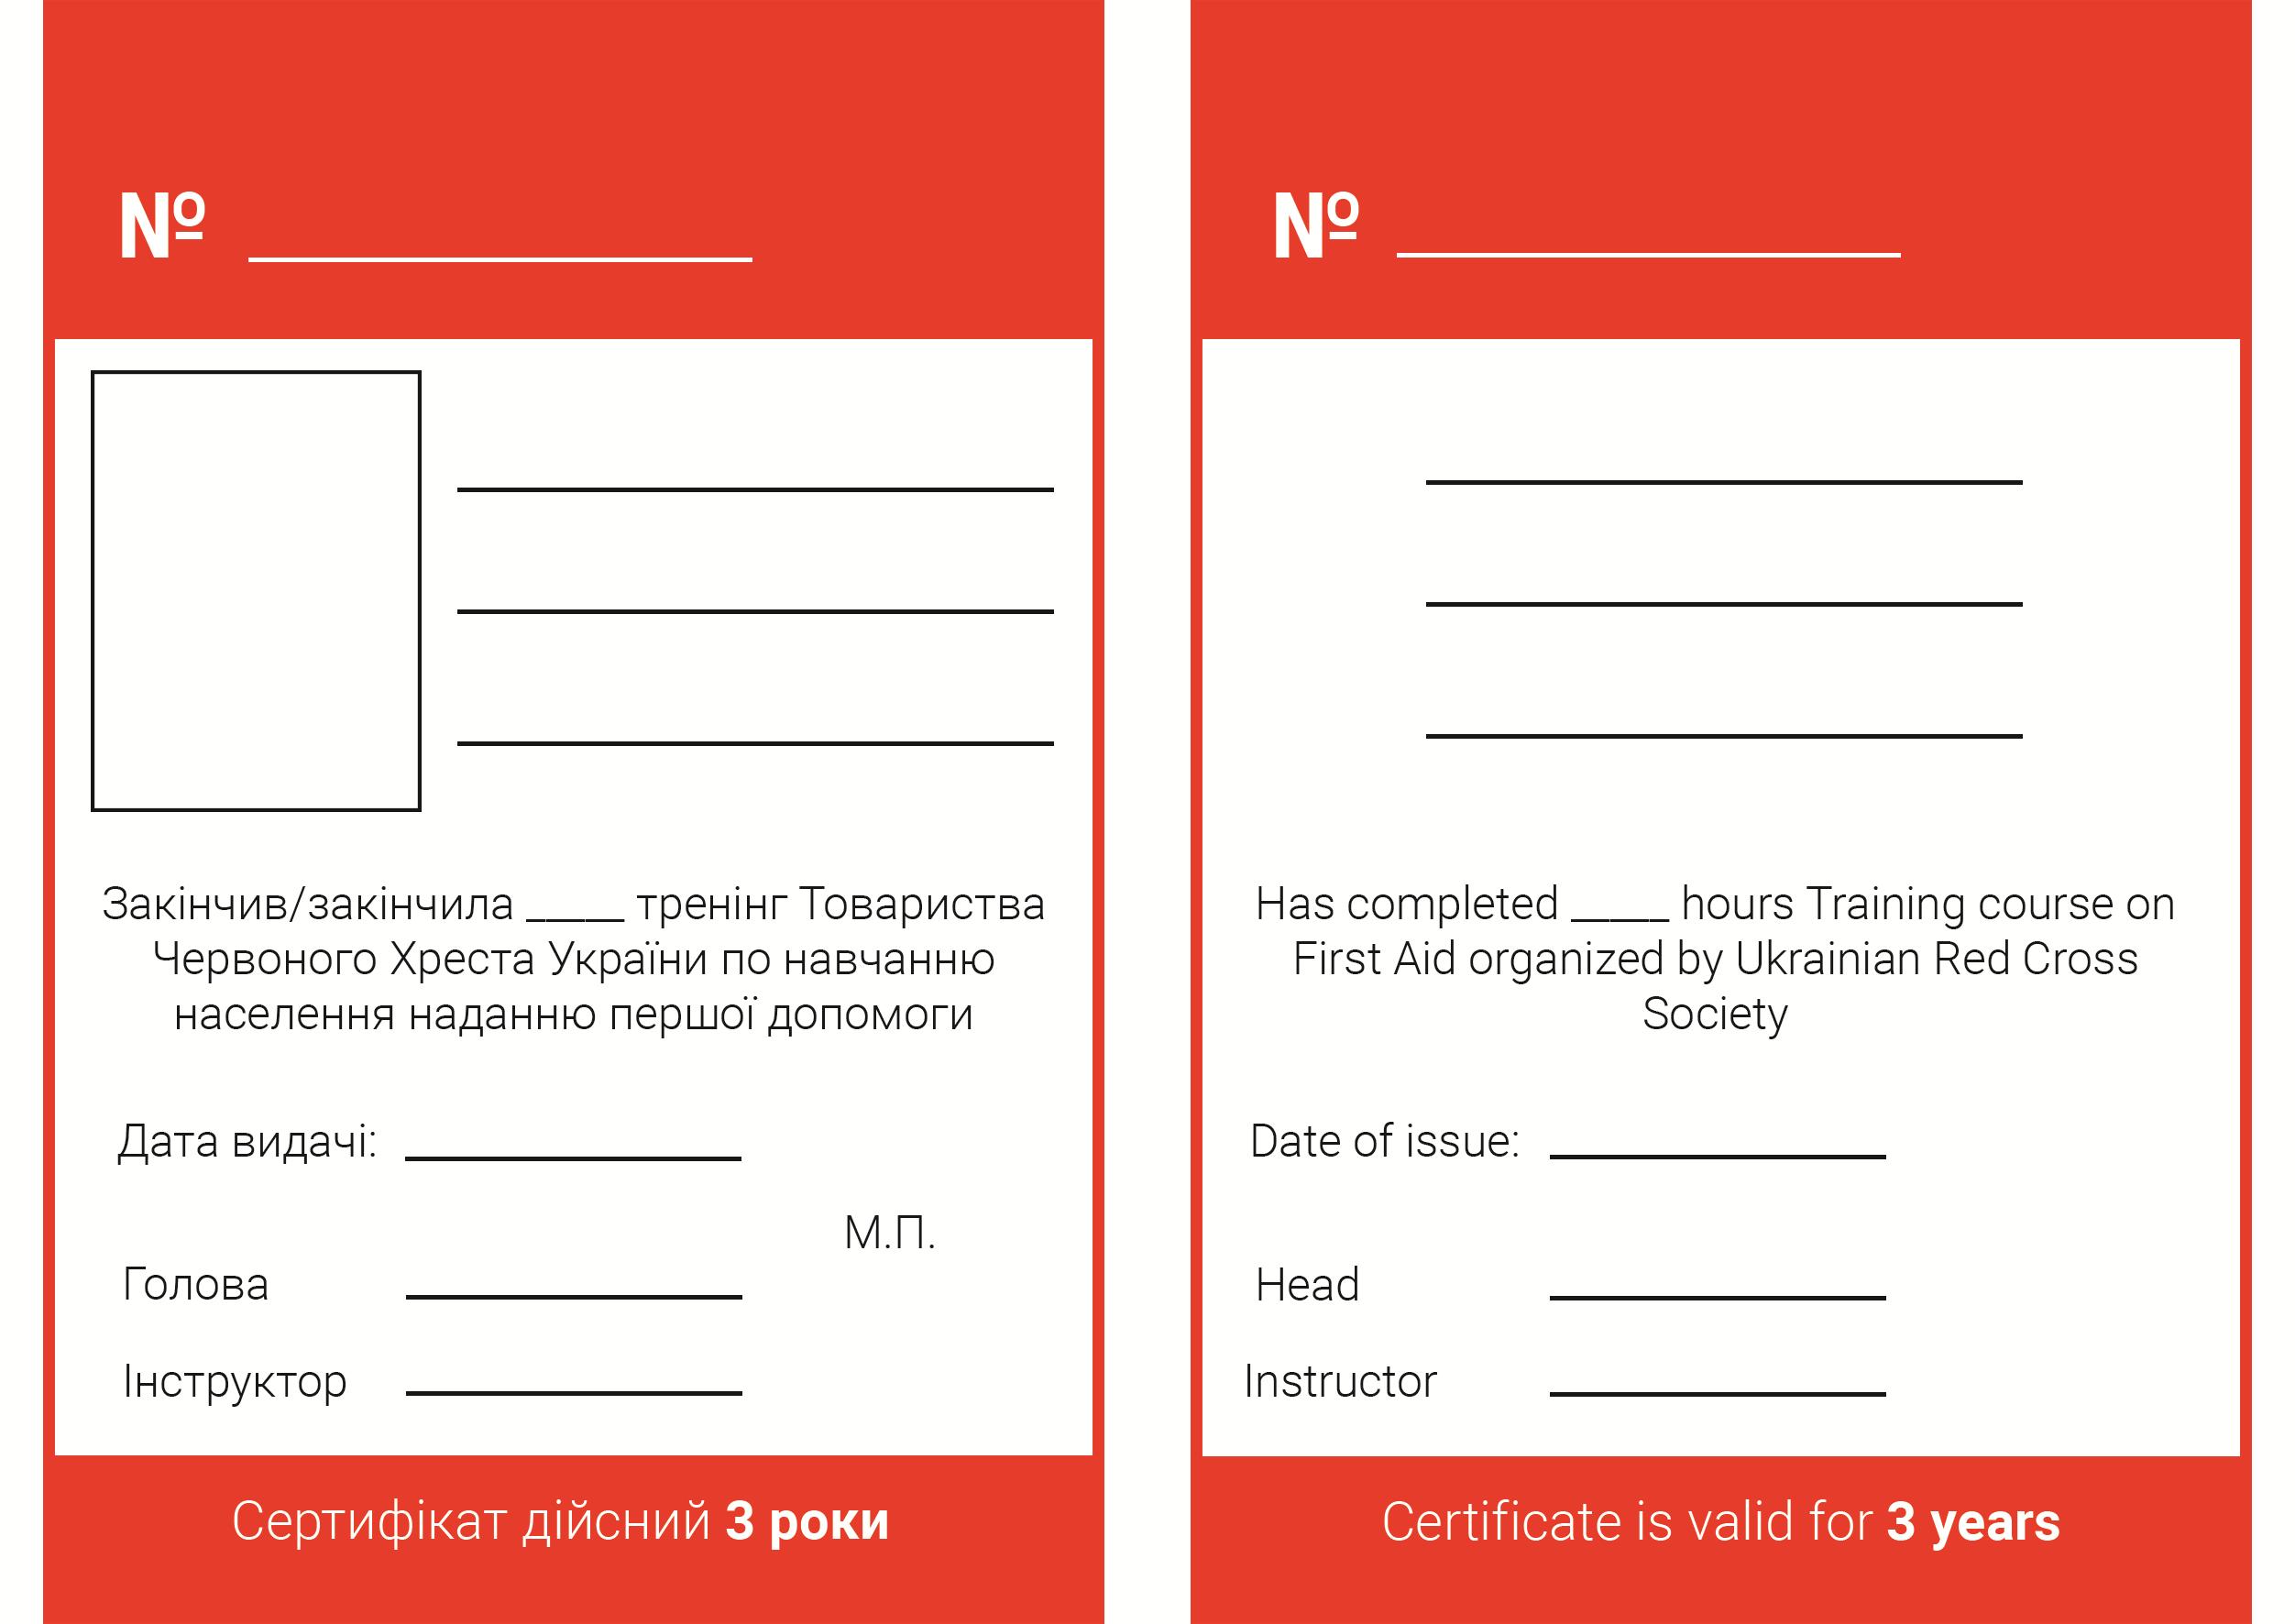 Сертификат по ПП — копия